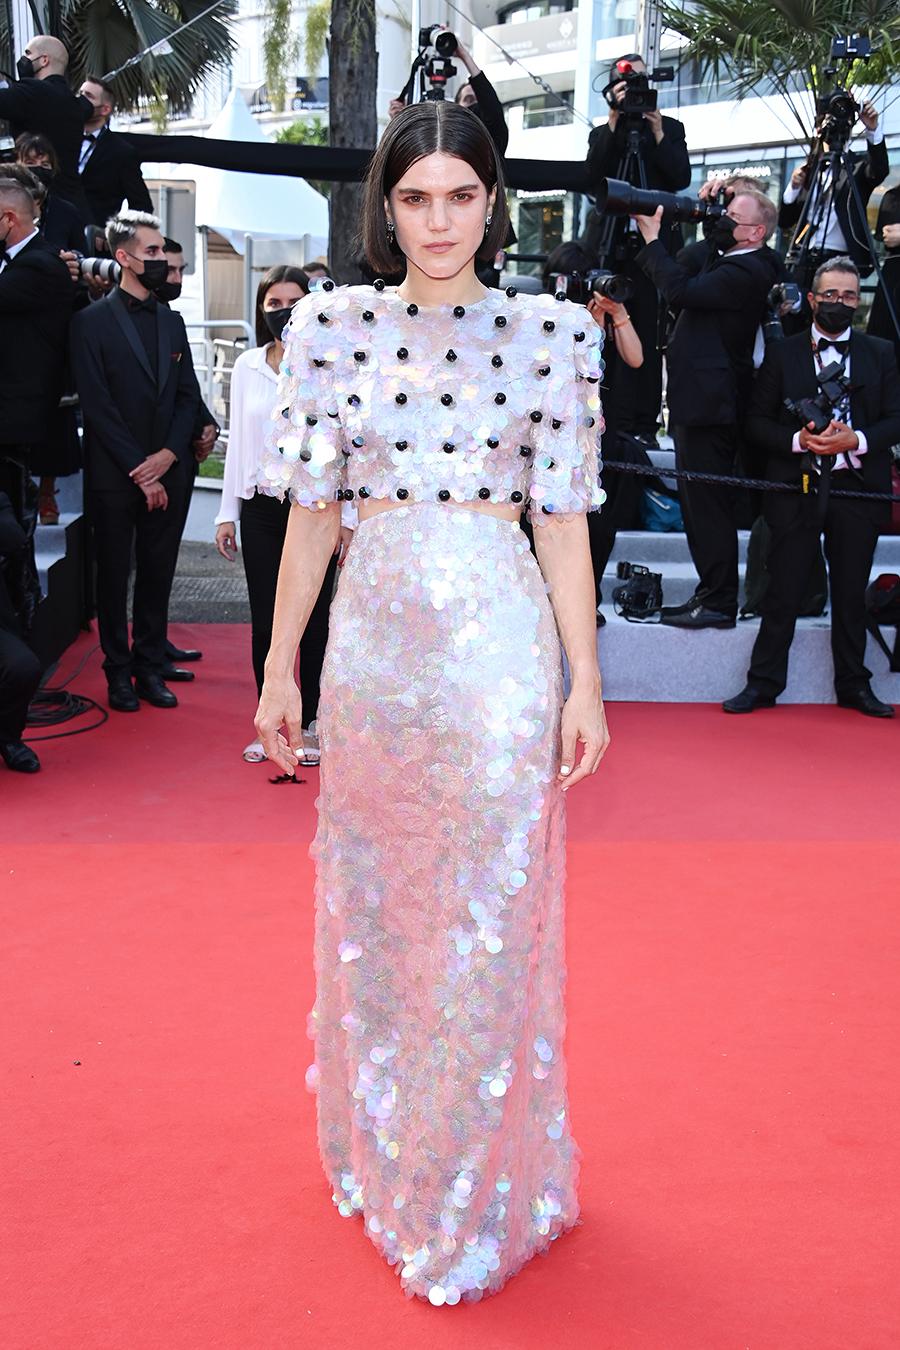 канны каннский кинофестиваль платья вечерние красная дорожка